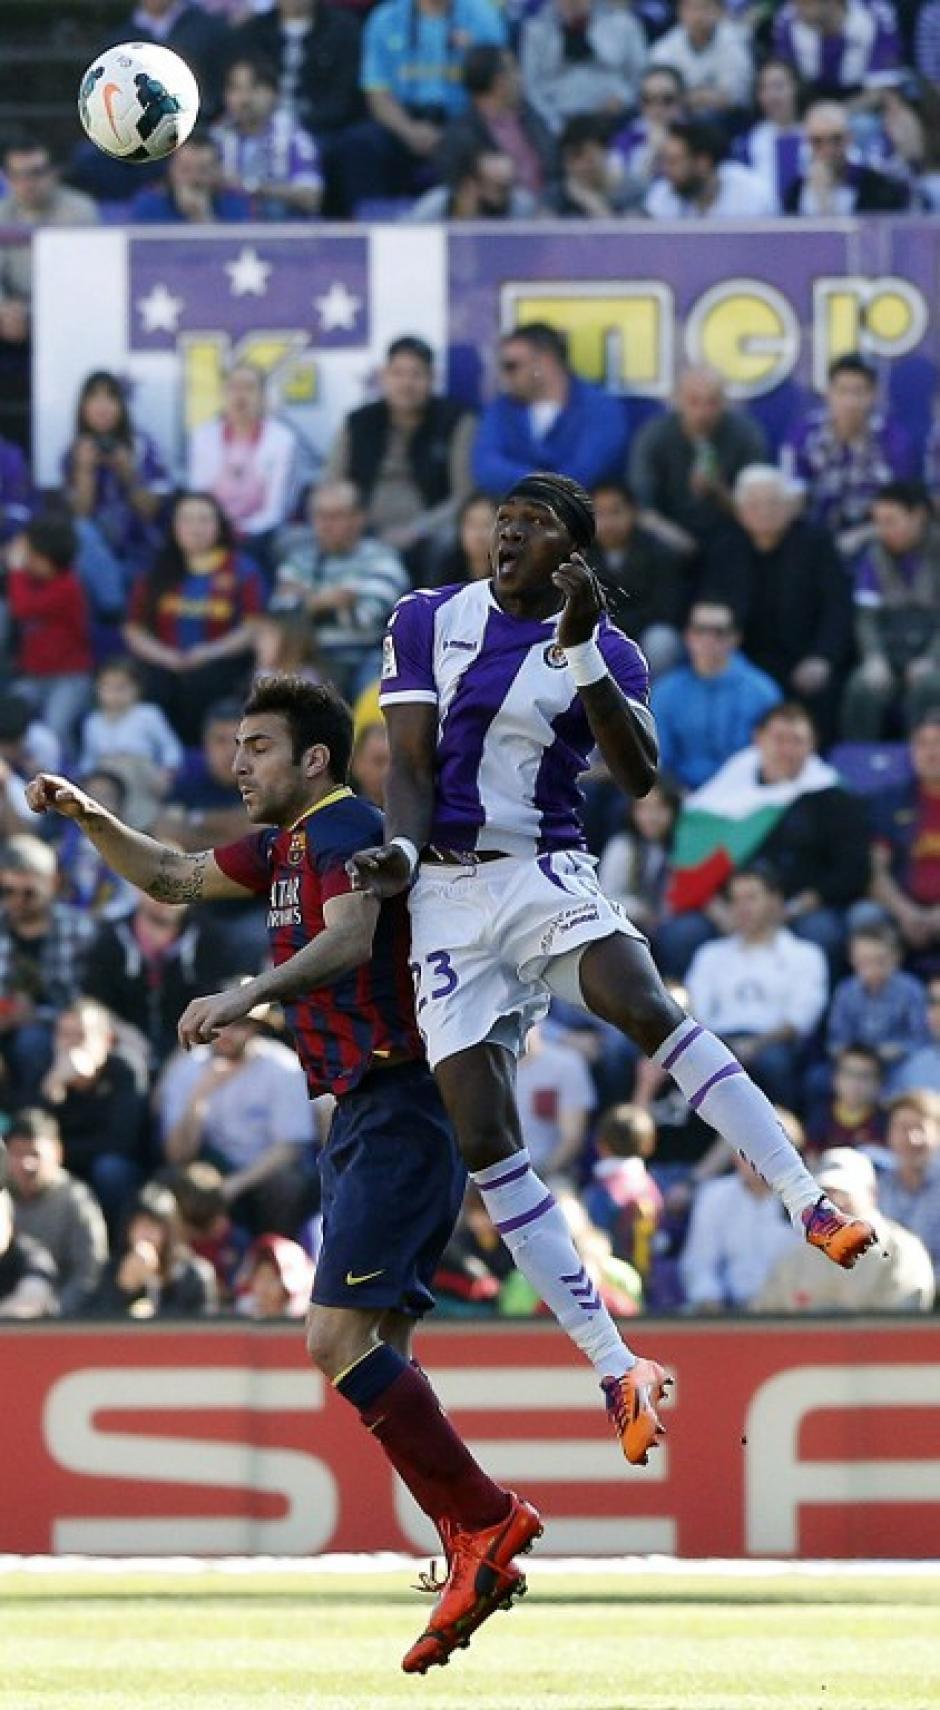 Cesc Fábregas, mediocampista del FC Barcelona pelea el balón con Manucho, defensor del Valladolid en la jornada de este sábado de la Liga Española. (Foto: AFP)